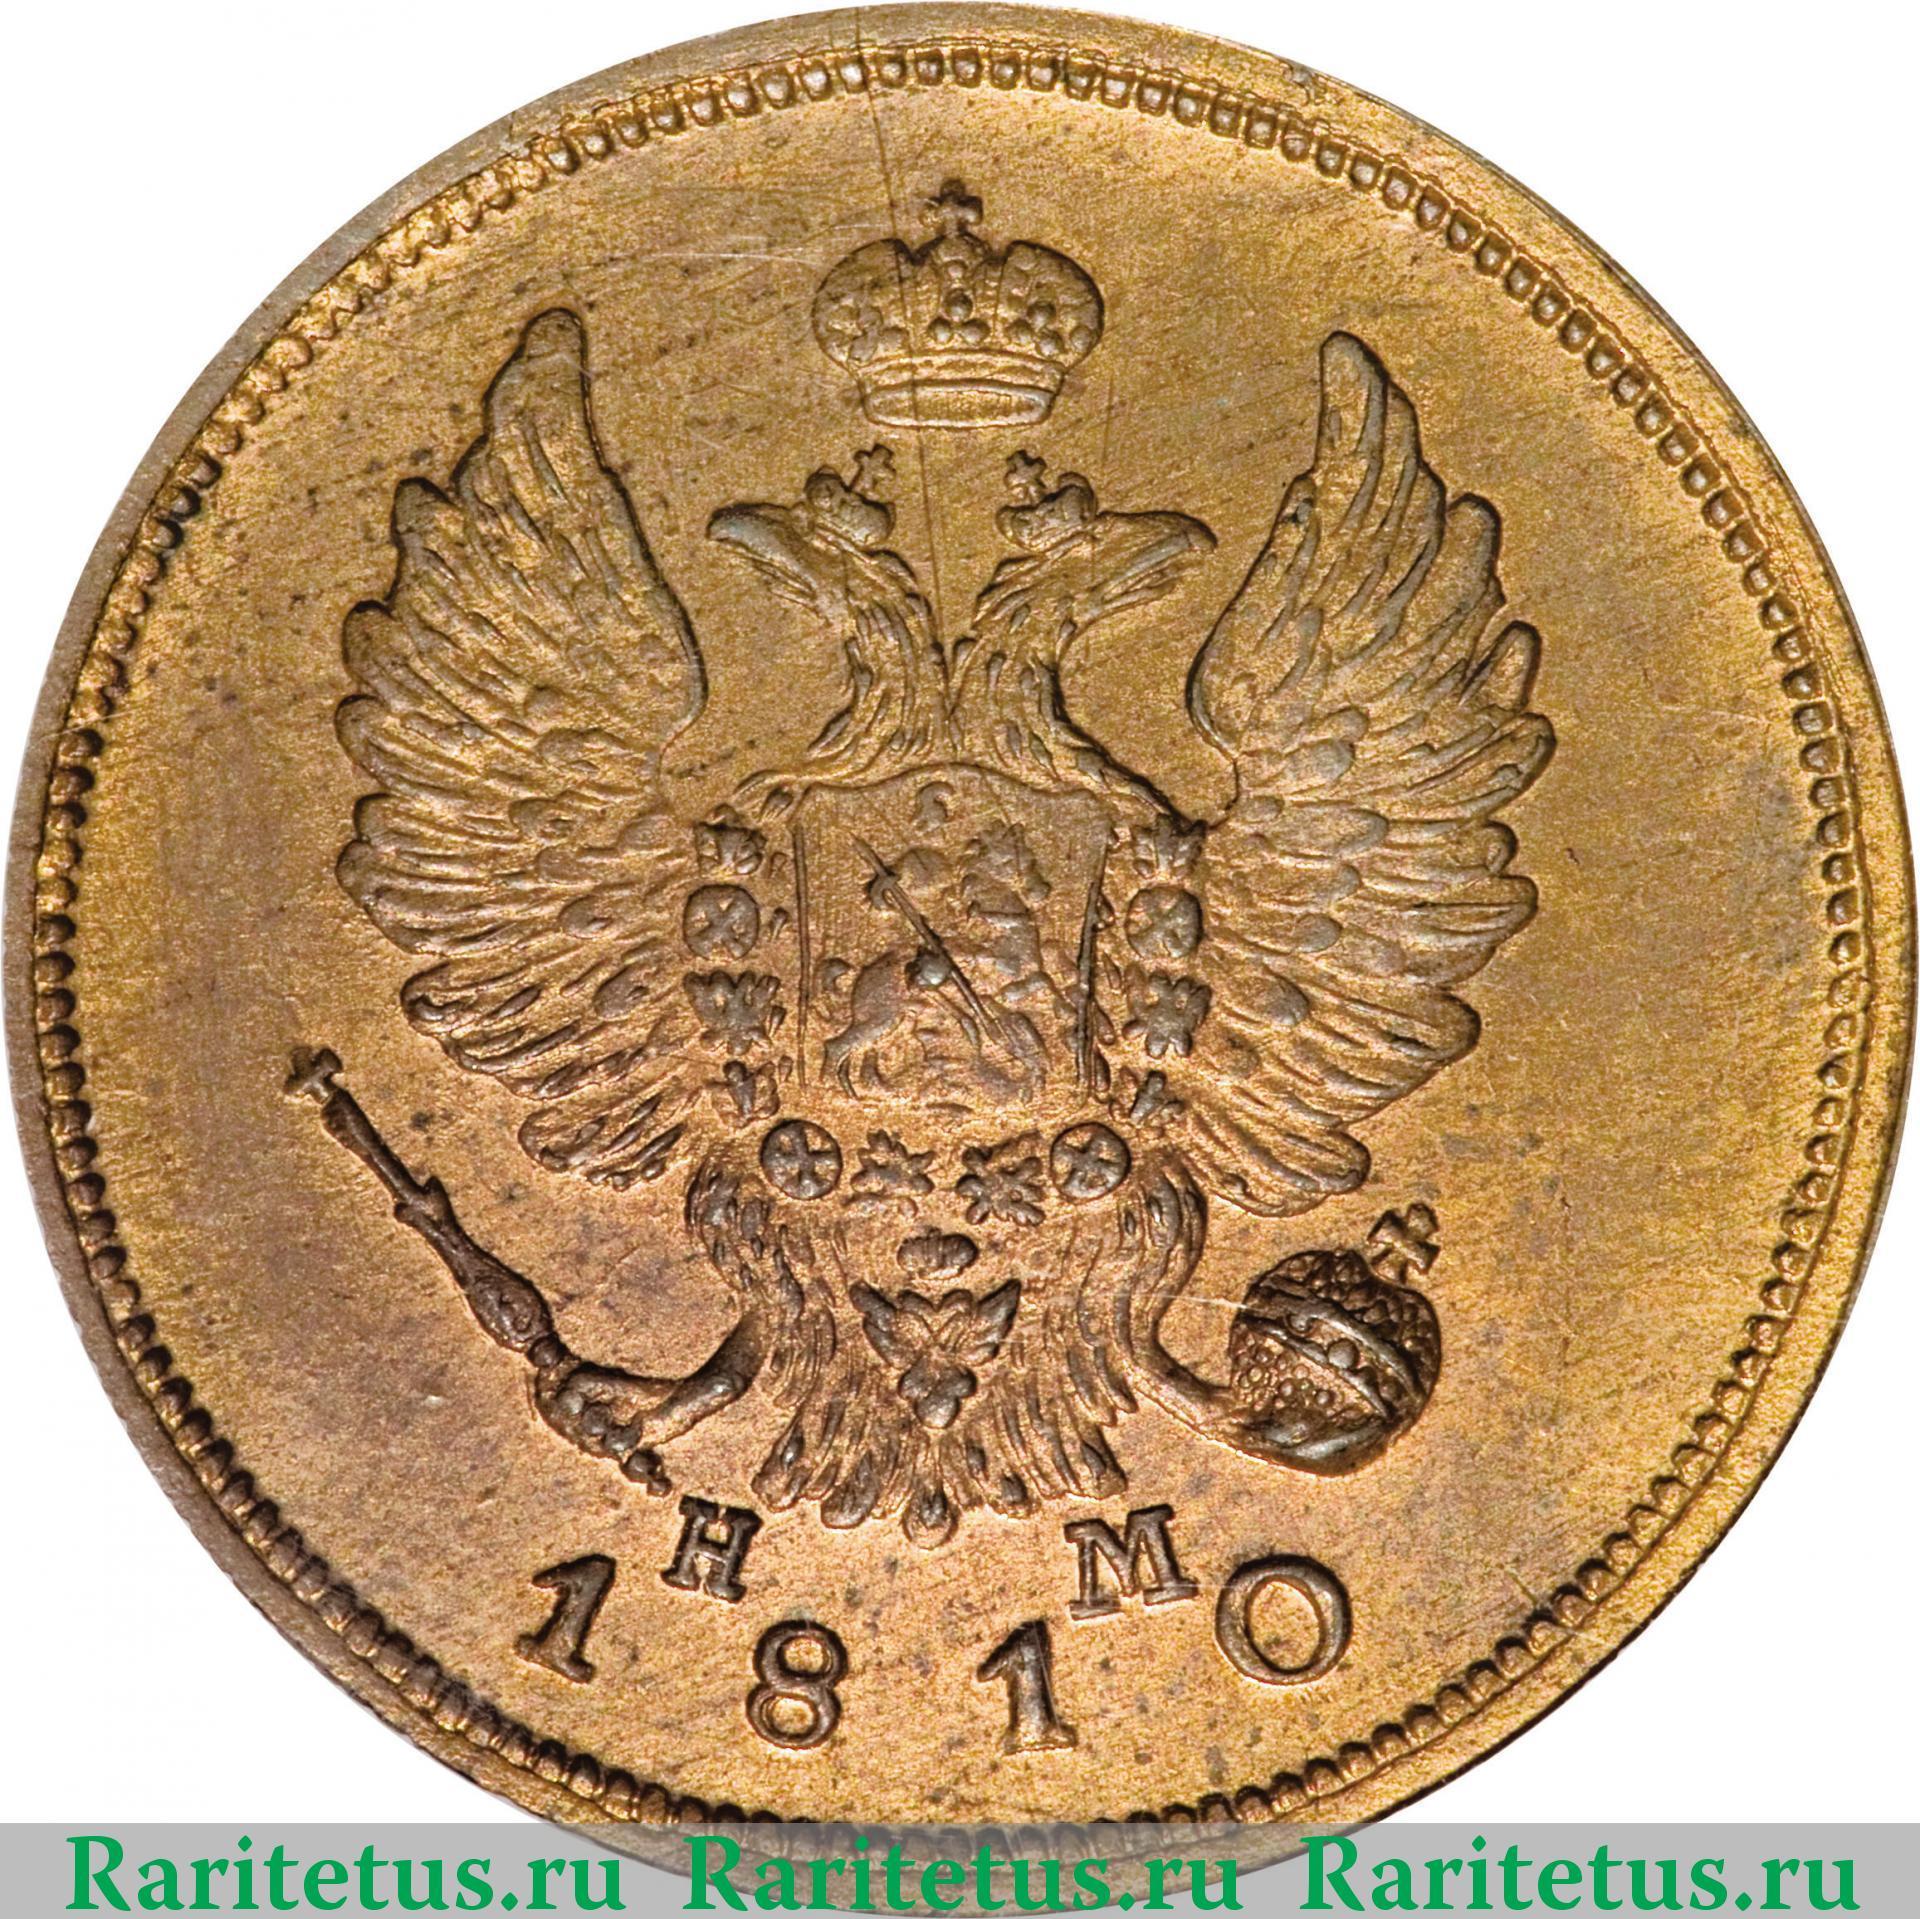 Две копейки 1810 продать редкую монету 10 рублей